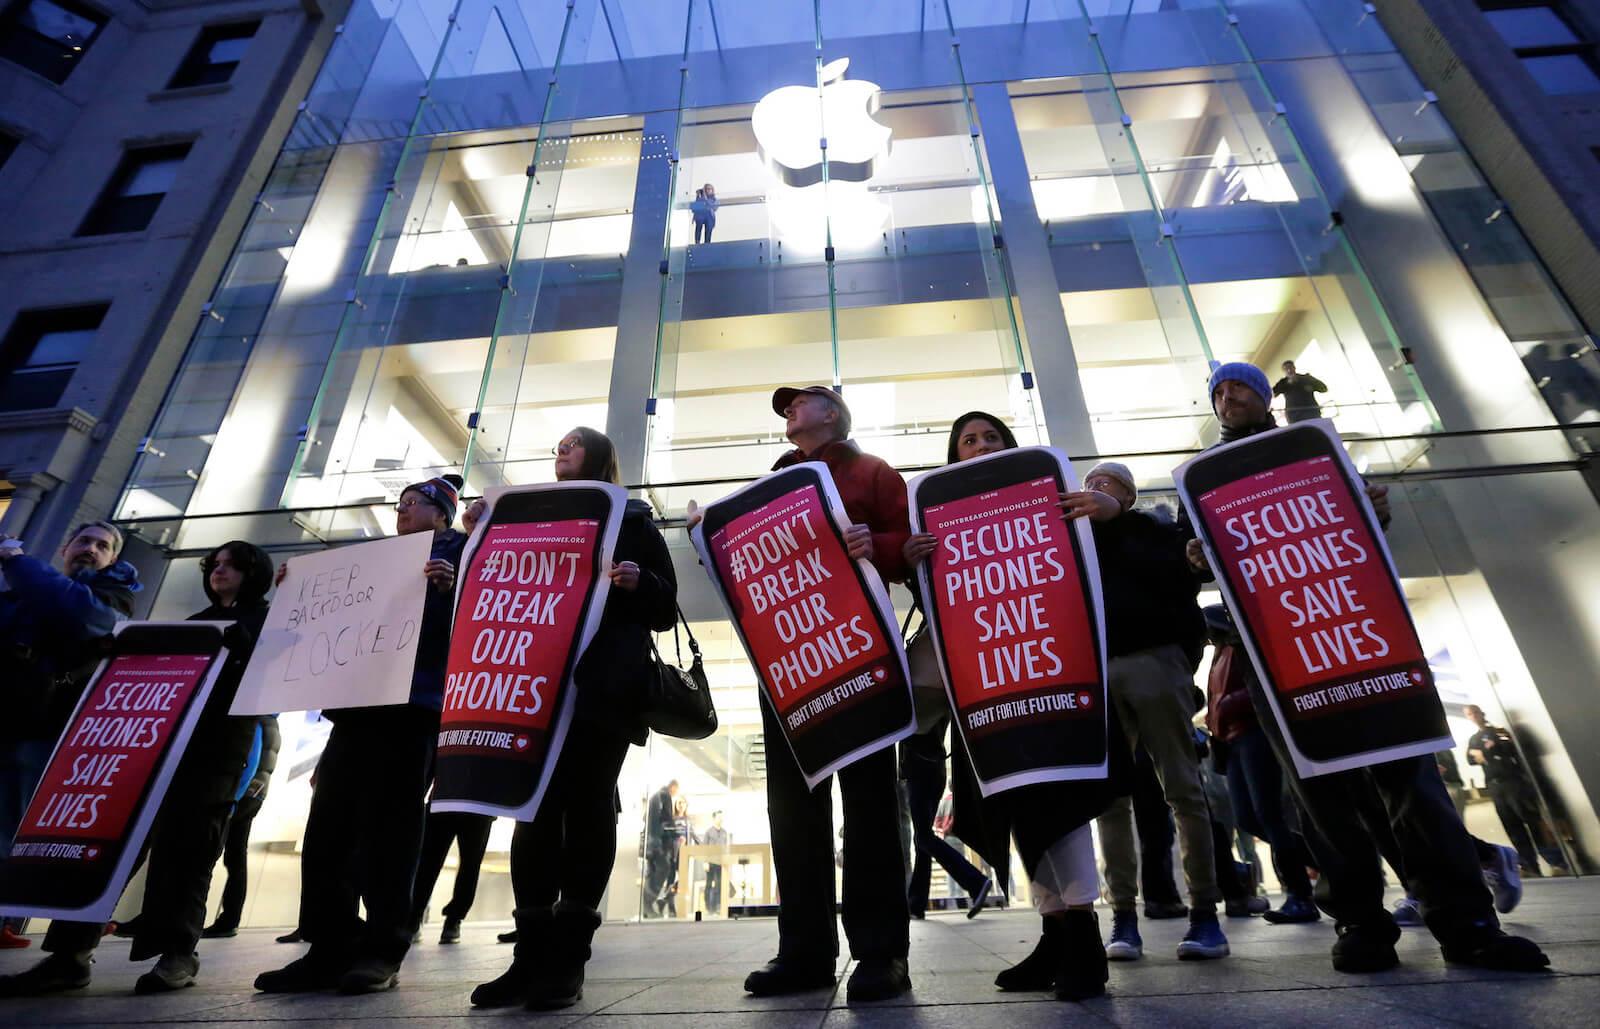 Правозащитники призвали Apple лишить саму себя доступа к данным iCloud. Тим Кук — за